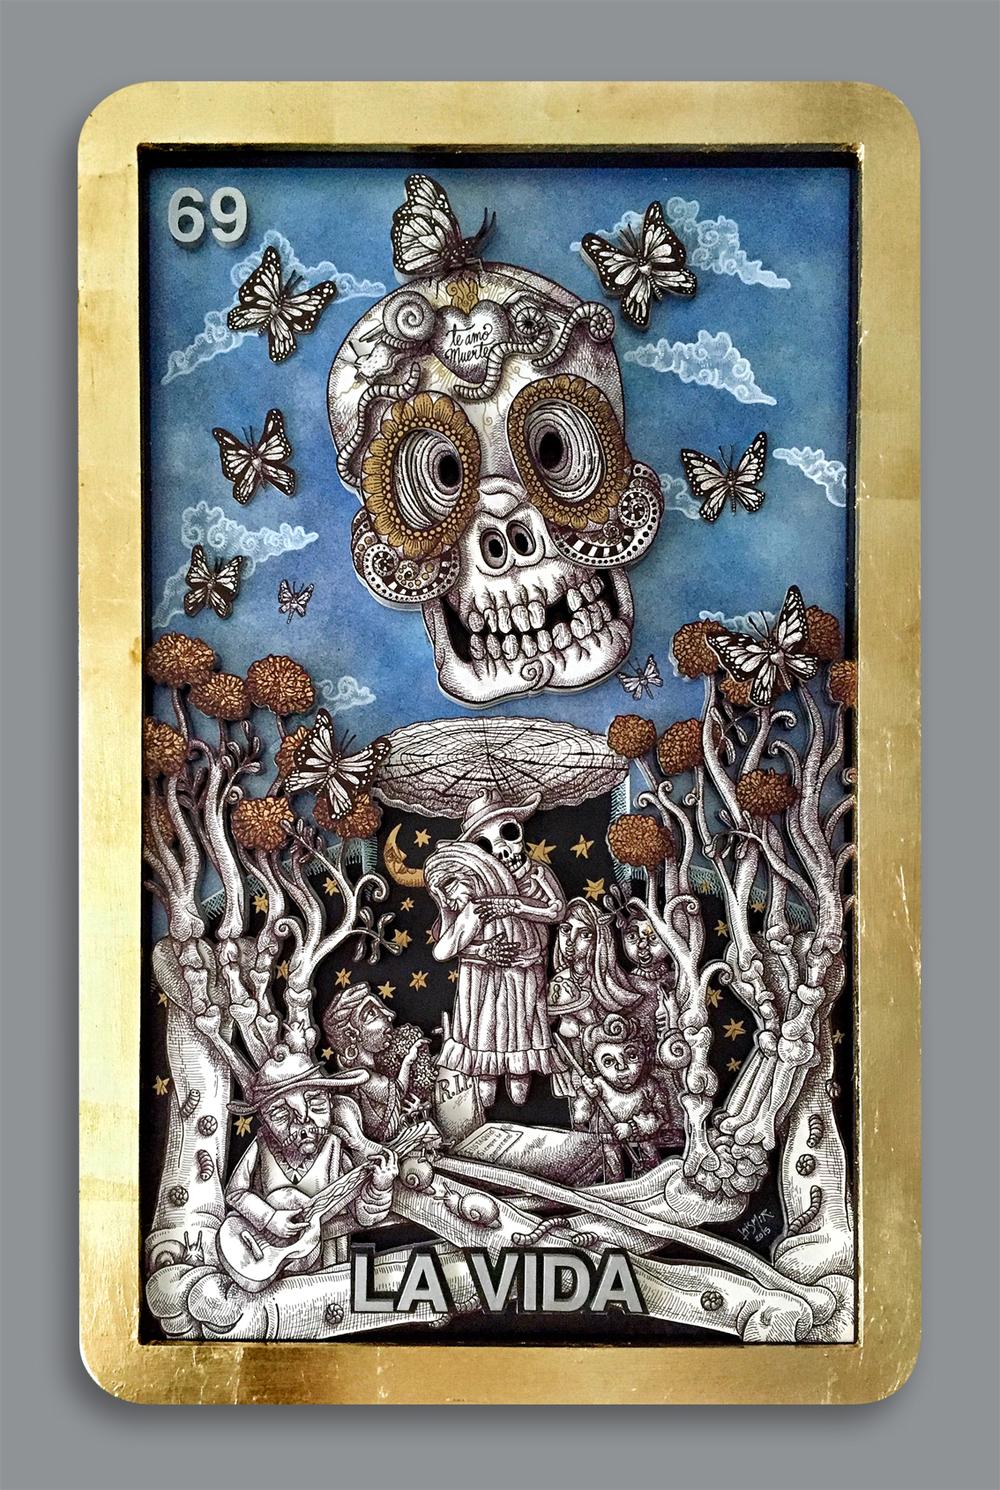 """""""El Juego de la Vida"""".Tinta, acrílicos y hoja de oro sobre capas de madera recortada con rayo láser. 60x90 cm. Luis Moor, noviembre 2015."""